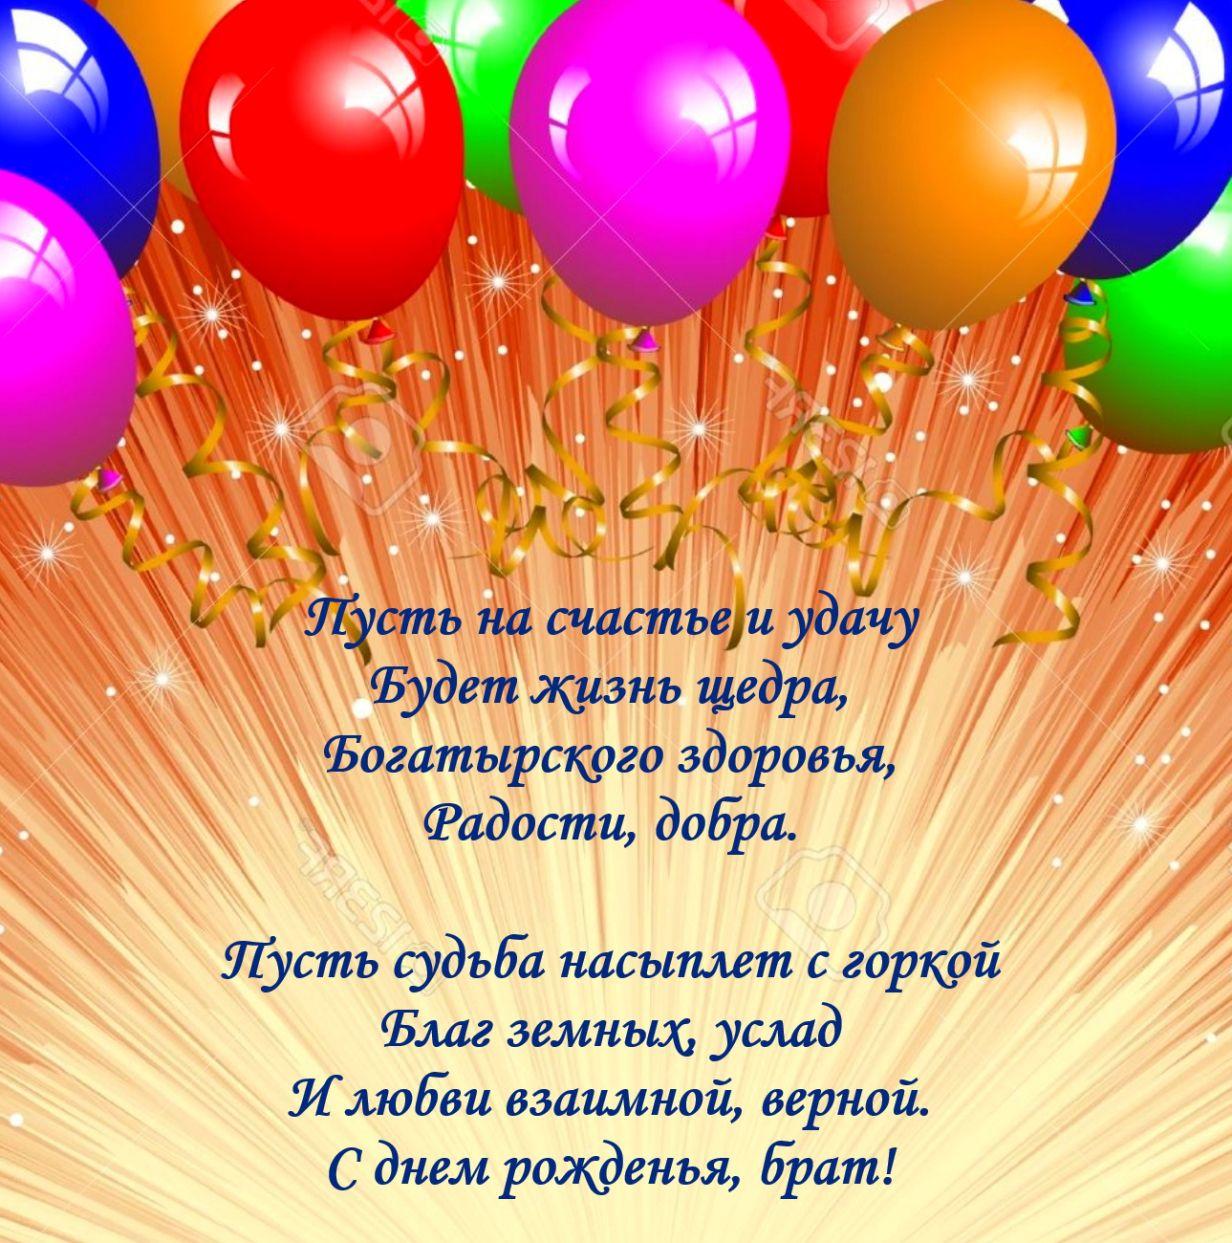 Открытка с днем рождения с поздравлениями для брата